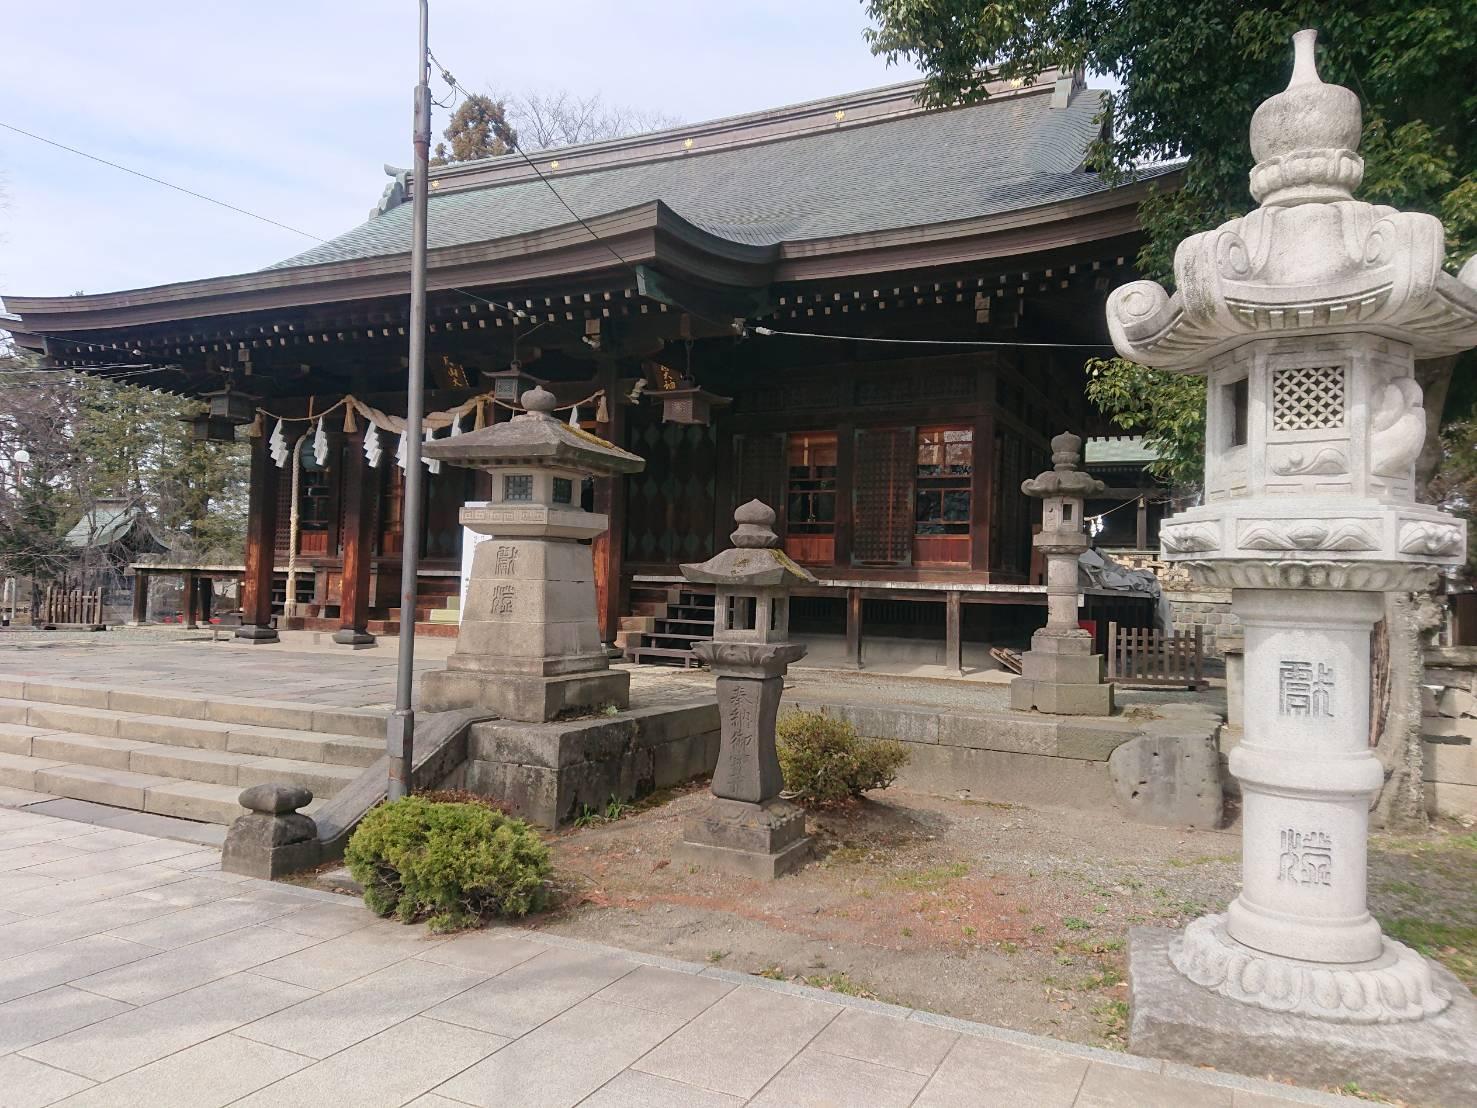 鳥海月山両所宮の幣拝殿